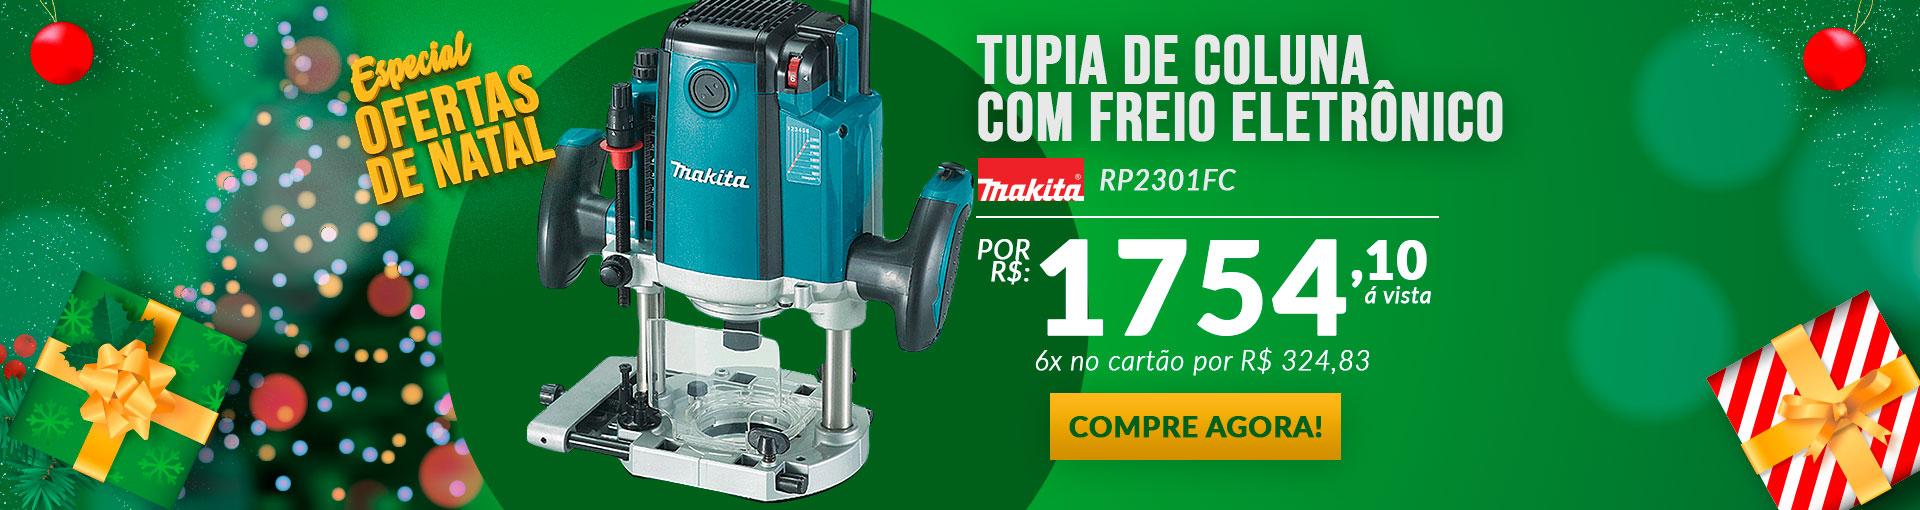 Tupia MAKITA RP2301FC